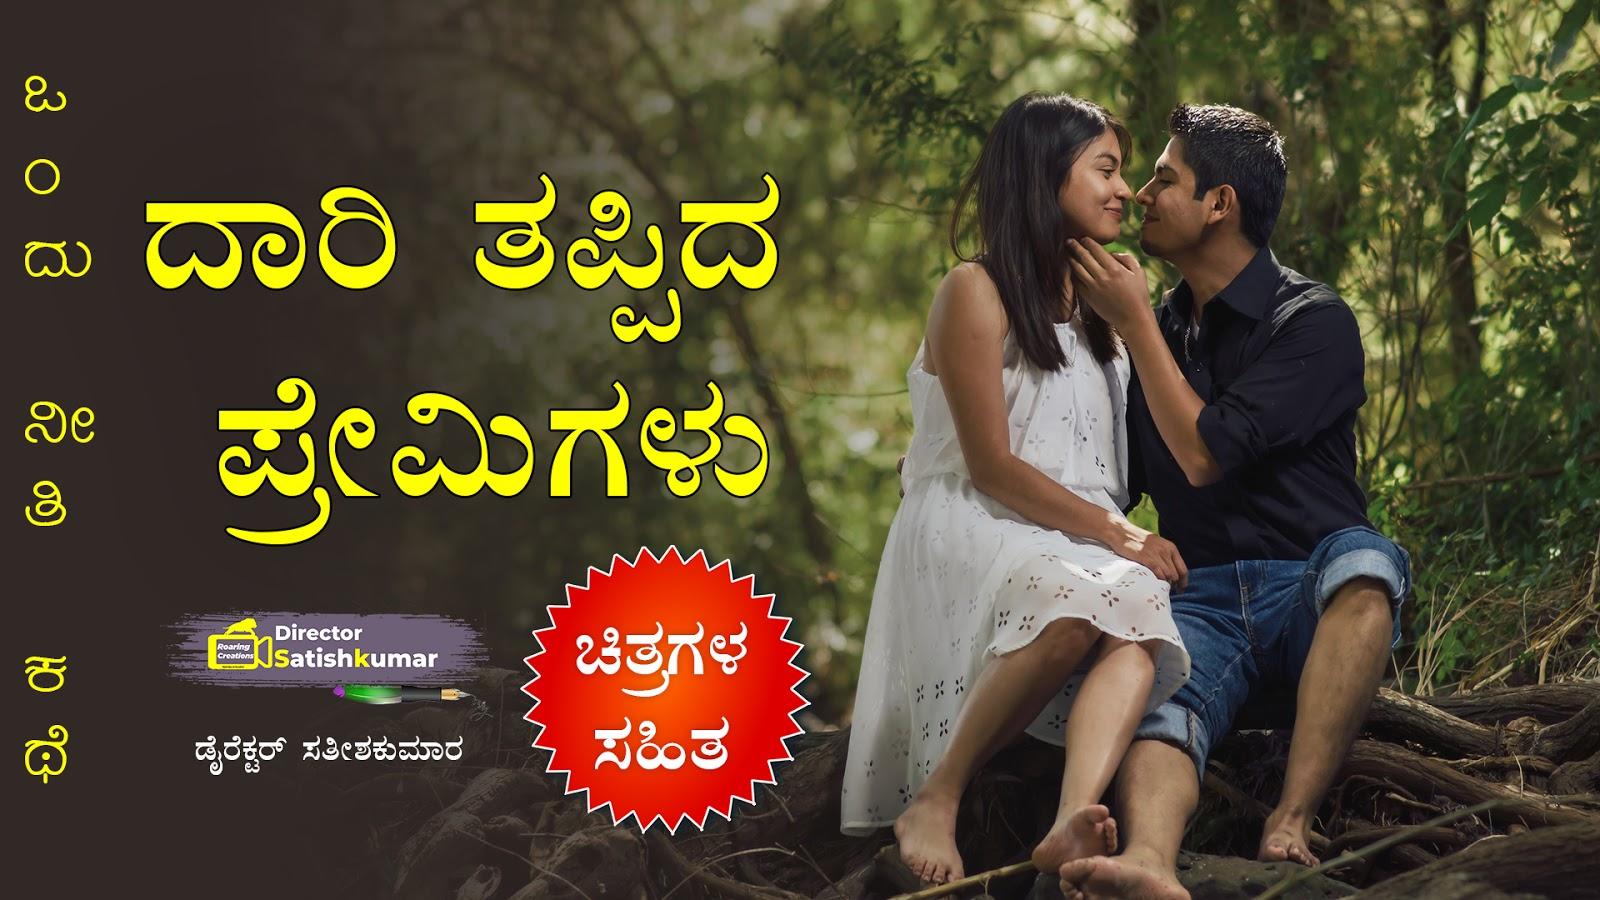 ದಾರಿ ತಪ್ಪಿದ ಪ್ರೇಮಿಗಳು : ಒಂದು ನೀತಿ ಕಥೆ - Kannada Moral Story - ಕನ್ನಡ ಕಥೆ ಪುಸ್ತಕಗಳು - Kannada Story Books -  E Books Kannada - Kannada Books